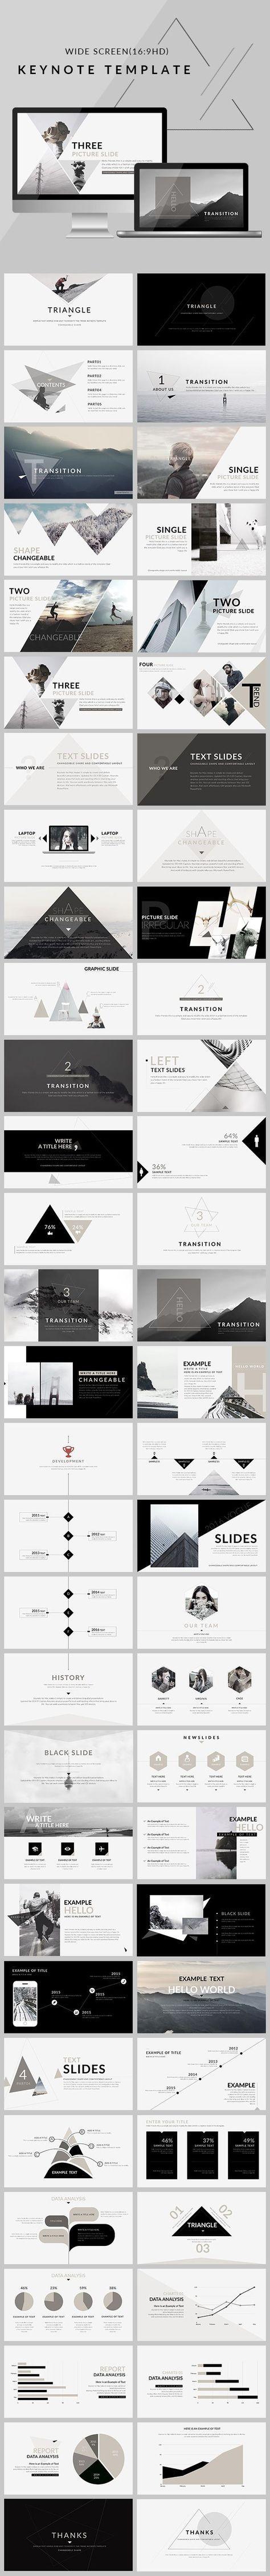 outlook des pinterest apresentao design e template geomtrico para apresentao em keynote toneelgroepblik Choice Image